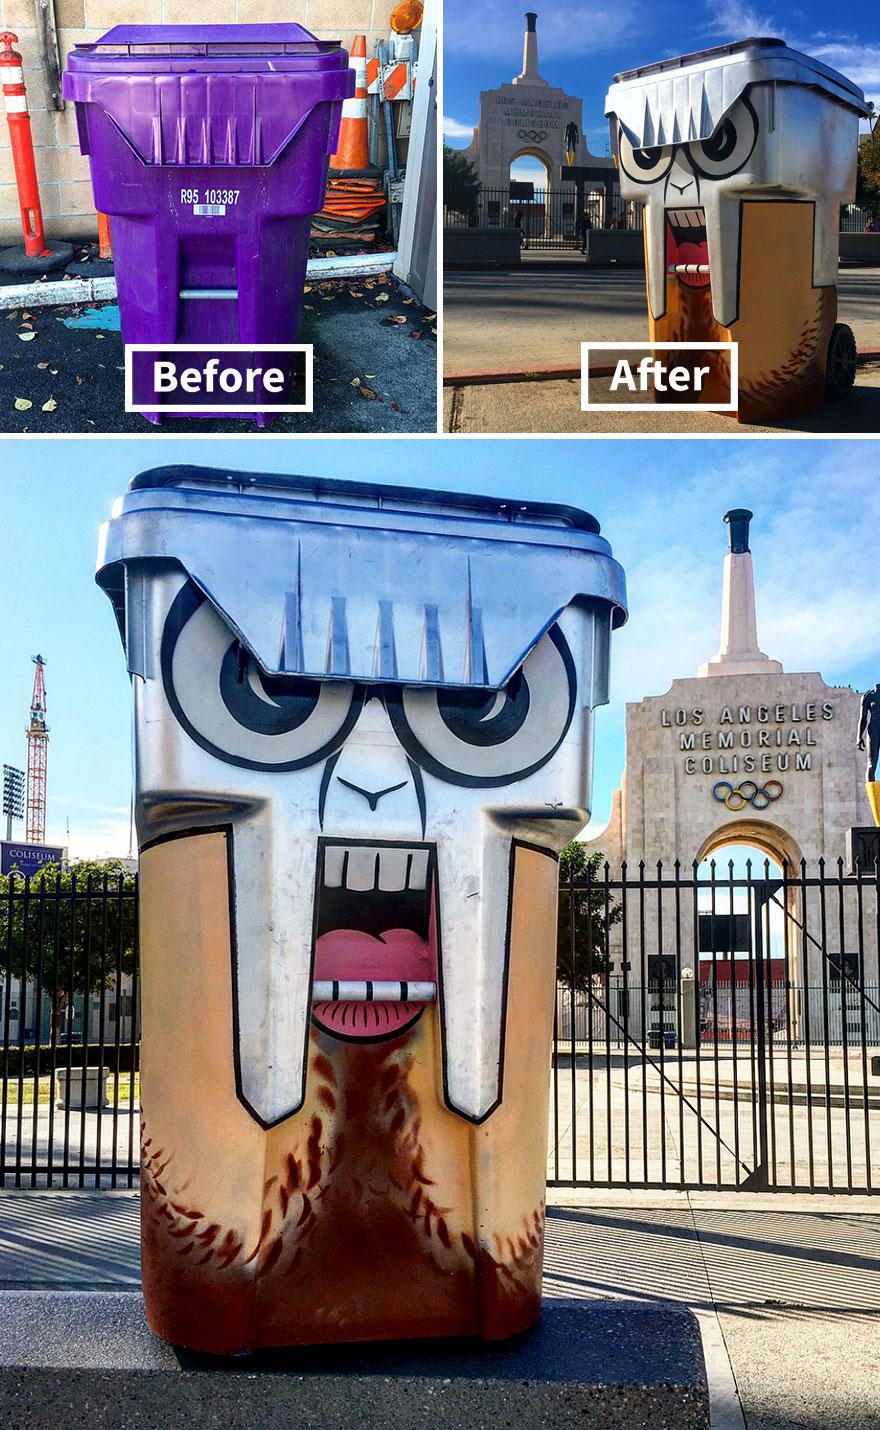 street-art-tom-bob-new-york-city-22-5b179214d3e55__880.jpg